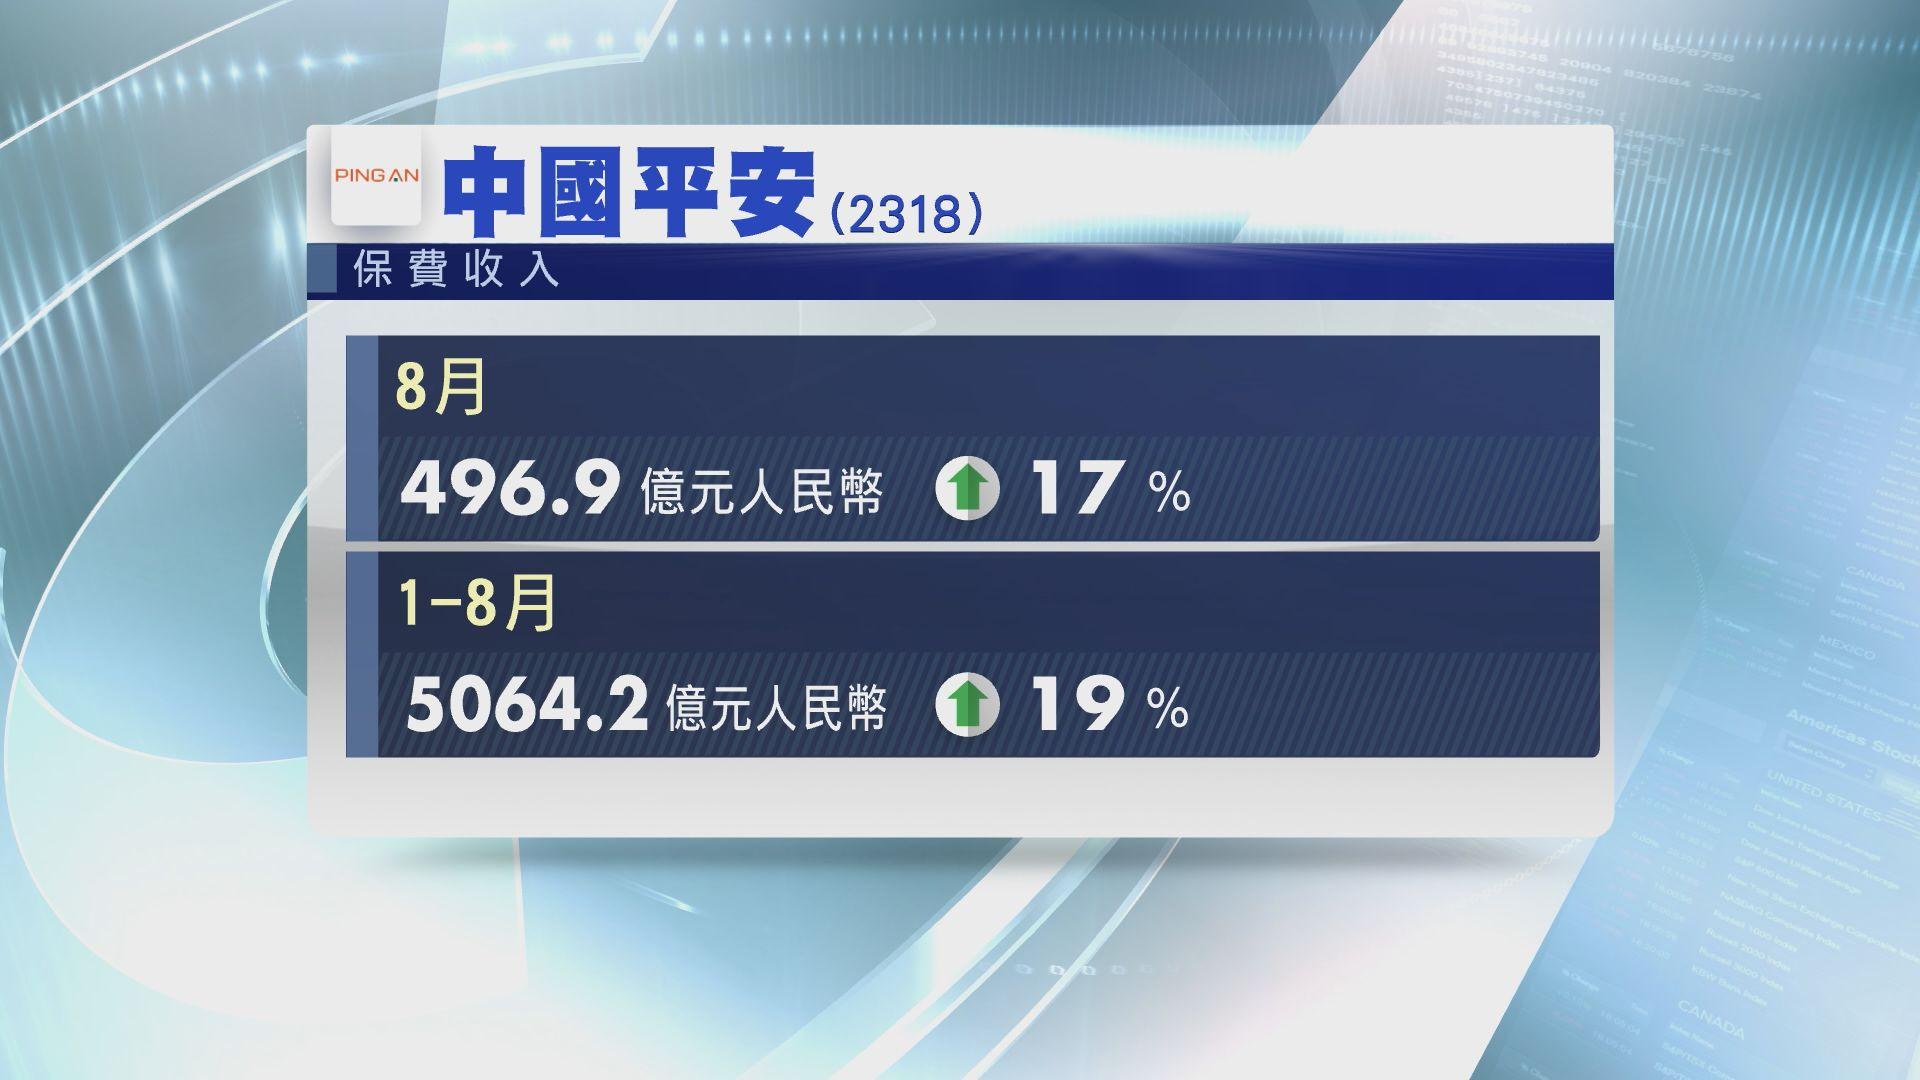 【業務數據】平保上月保費收入按年增17%